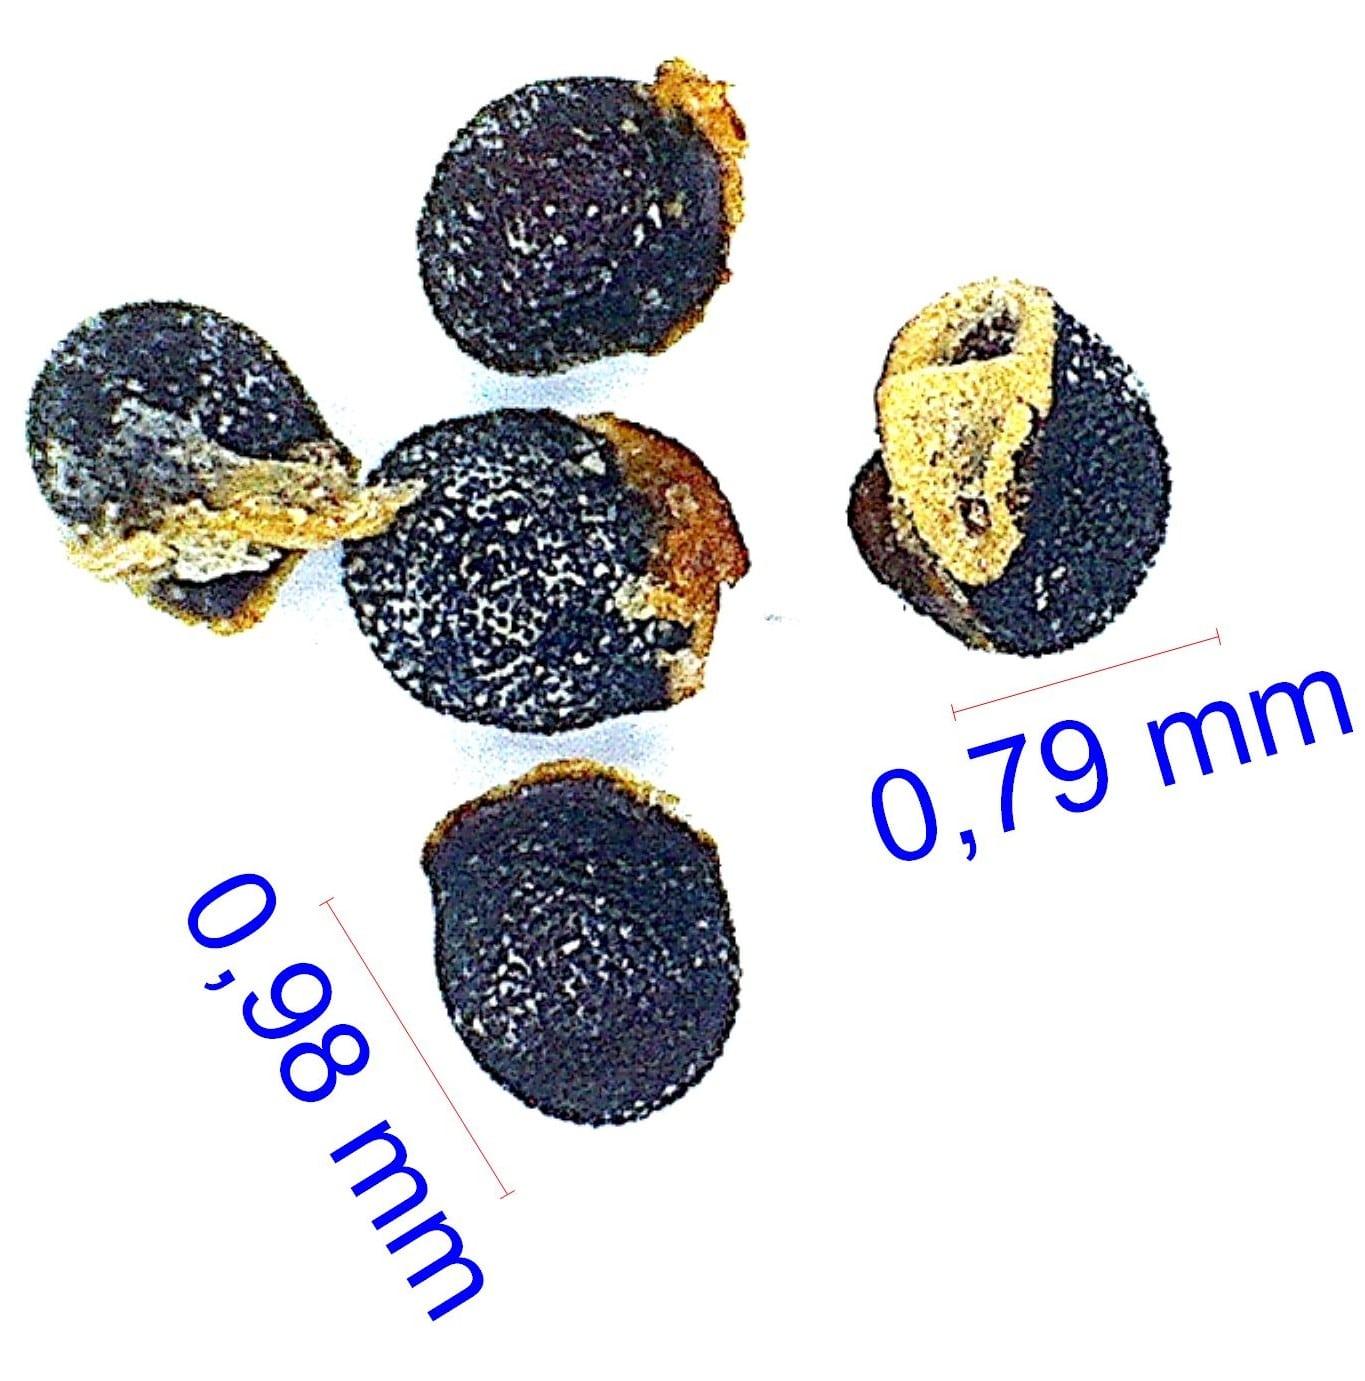 Gymnocalycium hossei (mazanense). © Joël Lodé/cactus-aventures.com